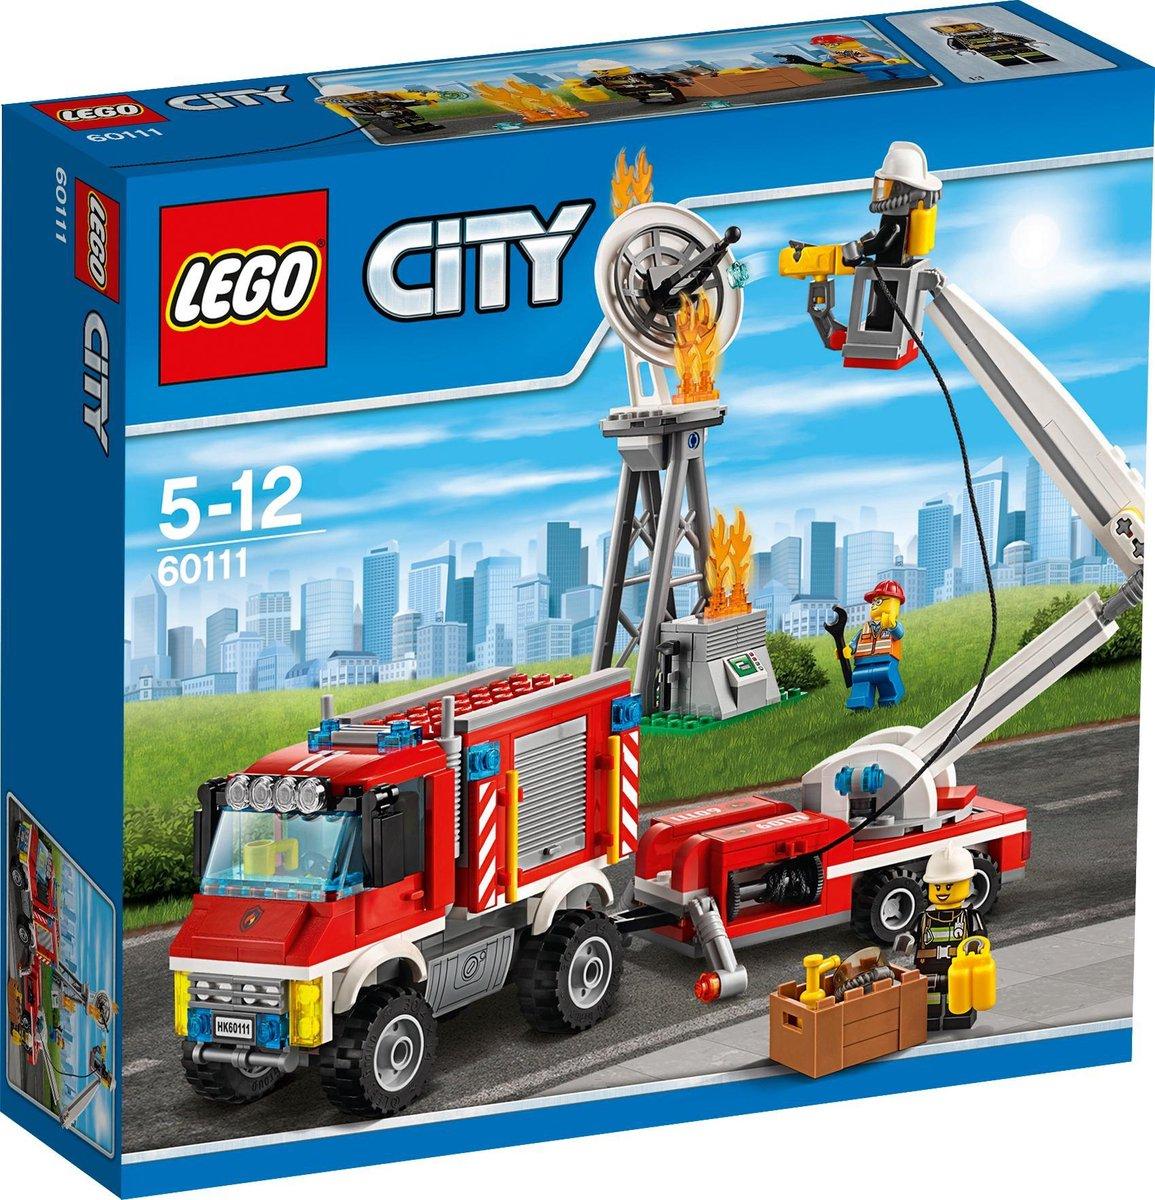 Lego 60111 City Brandweerhulp